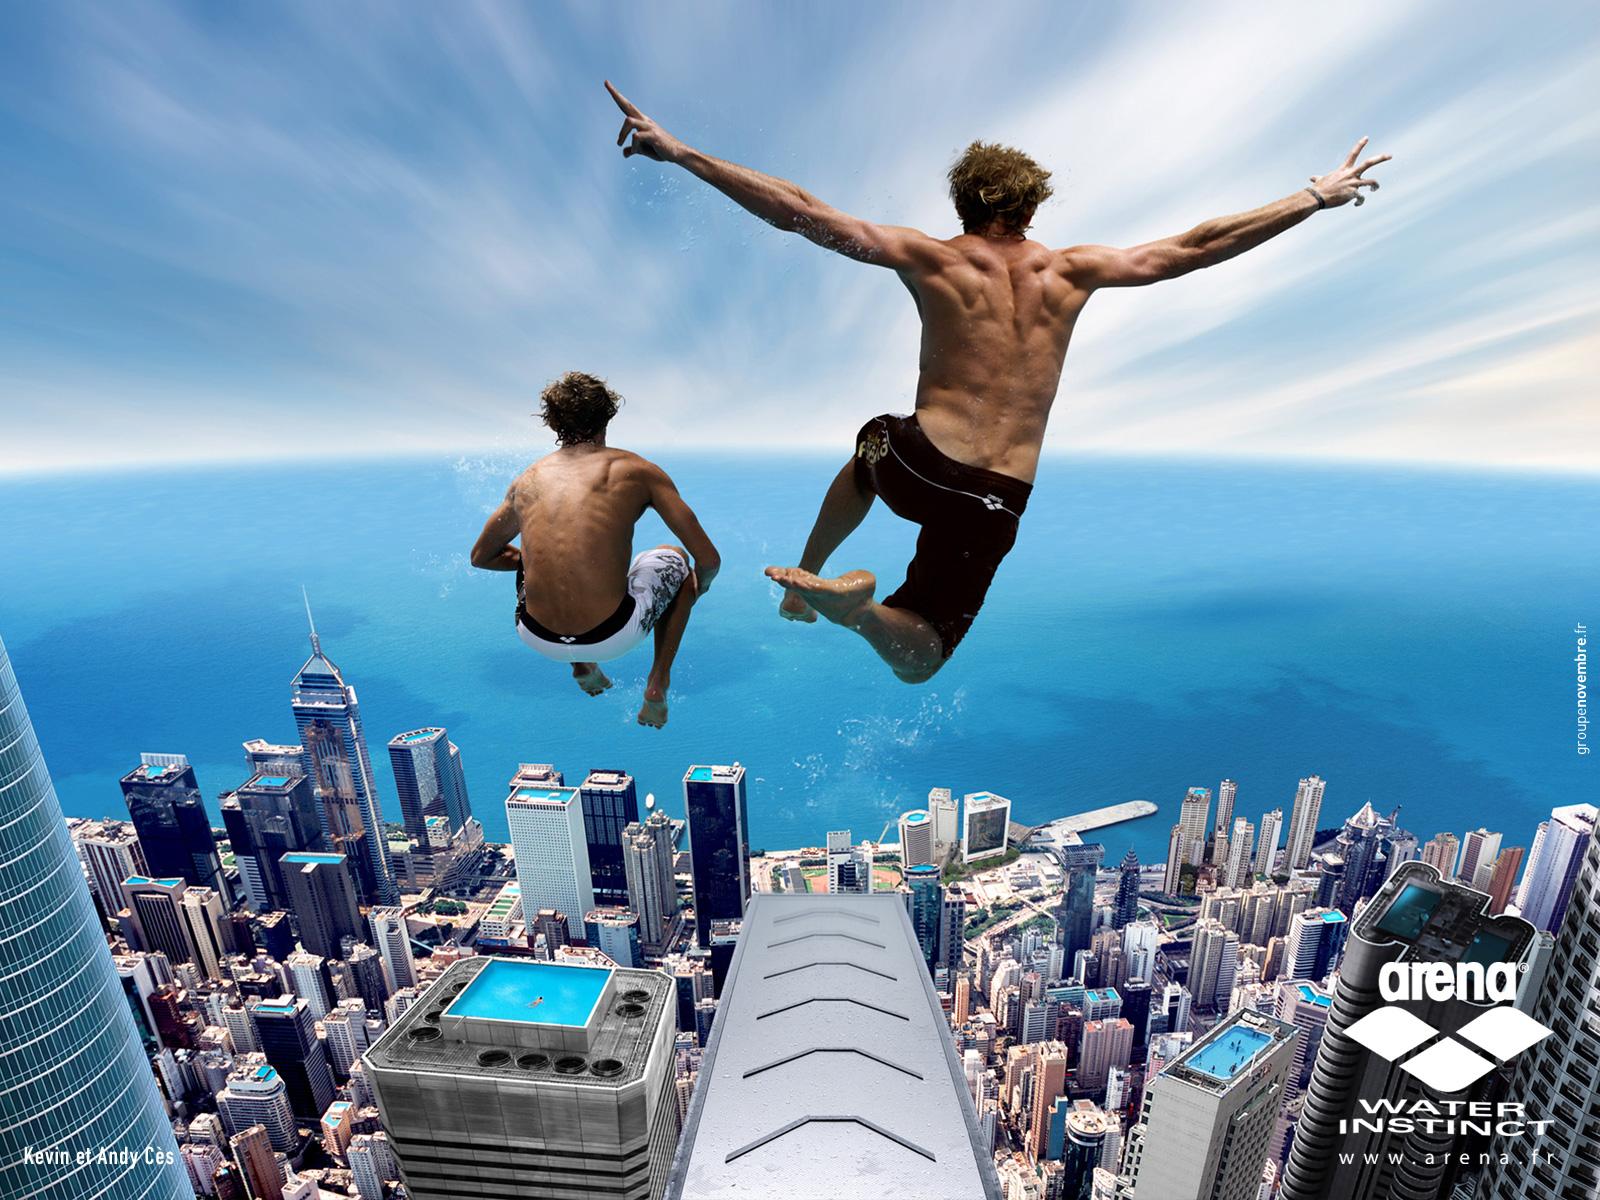 Who Man Jumping - Who Man Jumping